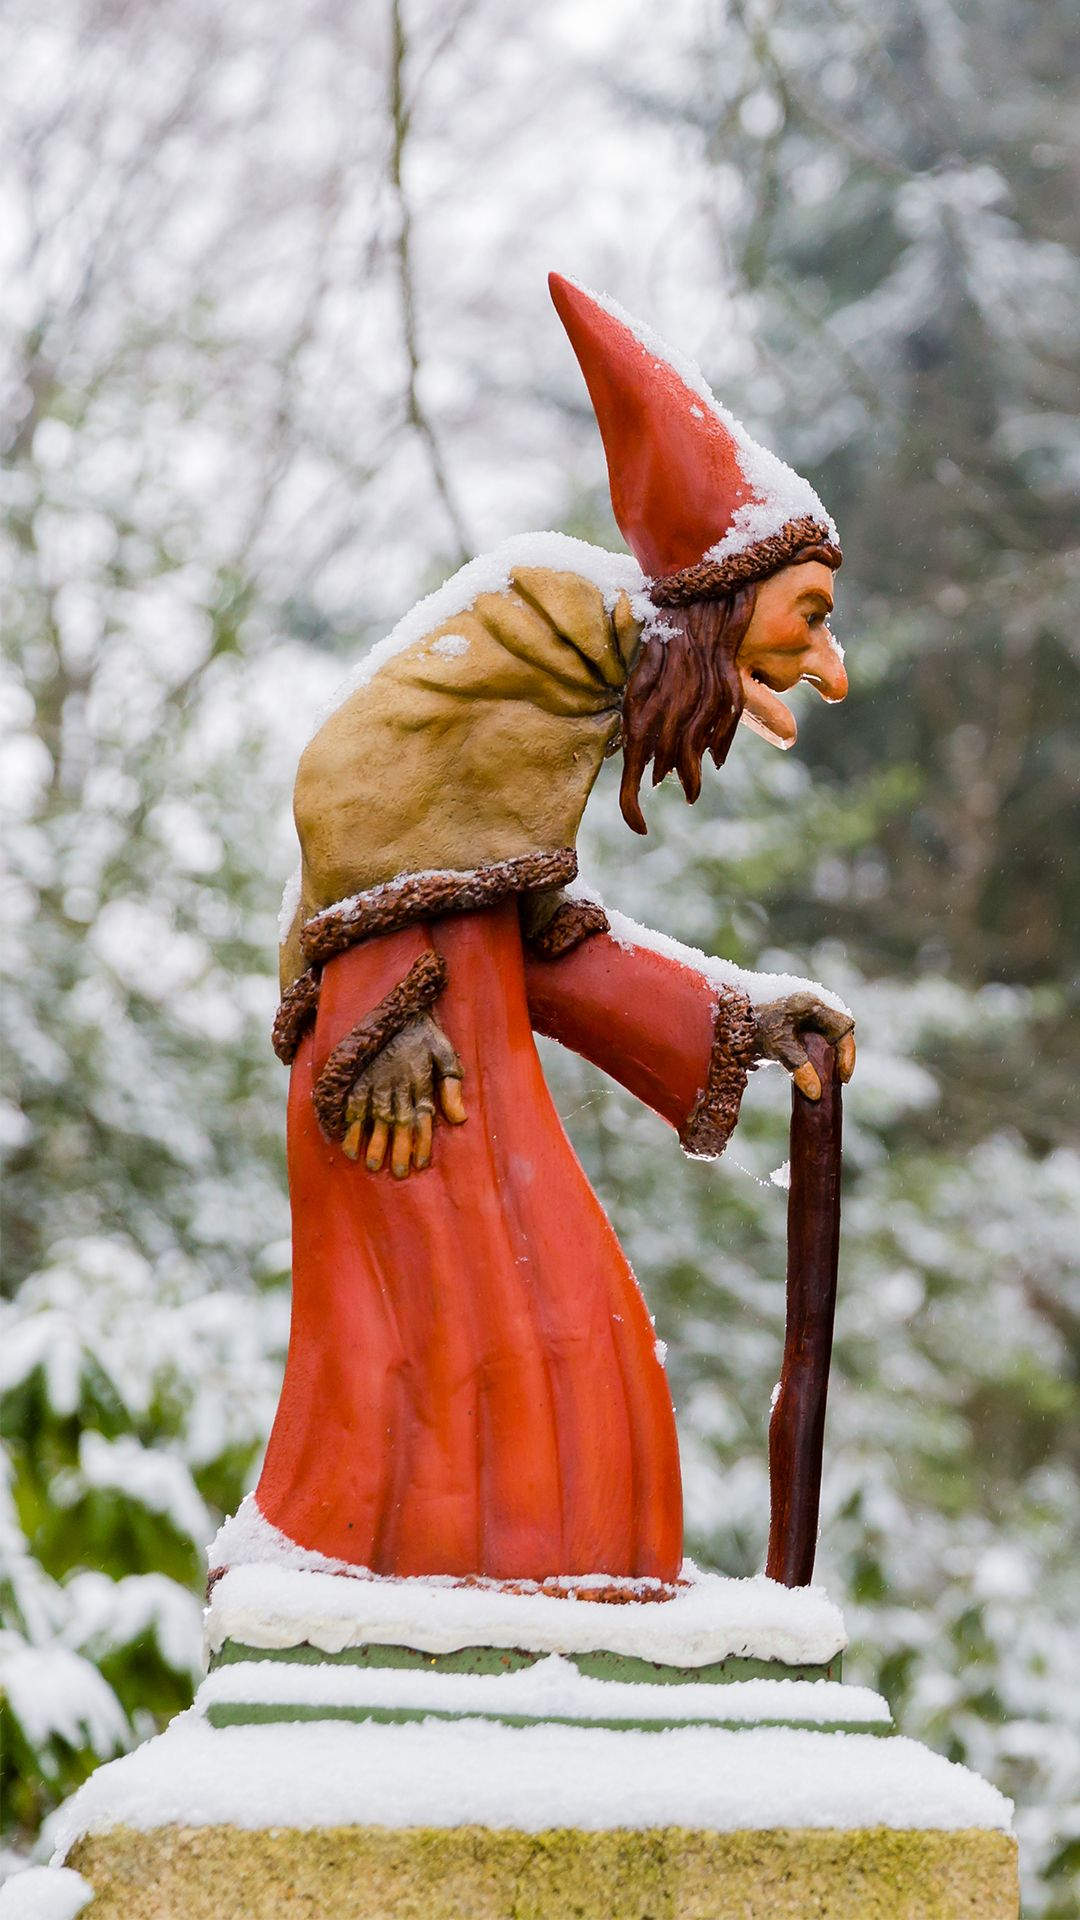 Efteling Winterse Wallpaper Sprookjesbos Heks In 2021 Fairy Tales Theme Park Buy Tickets